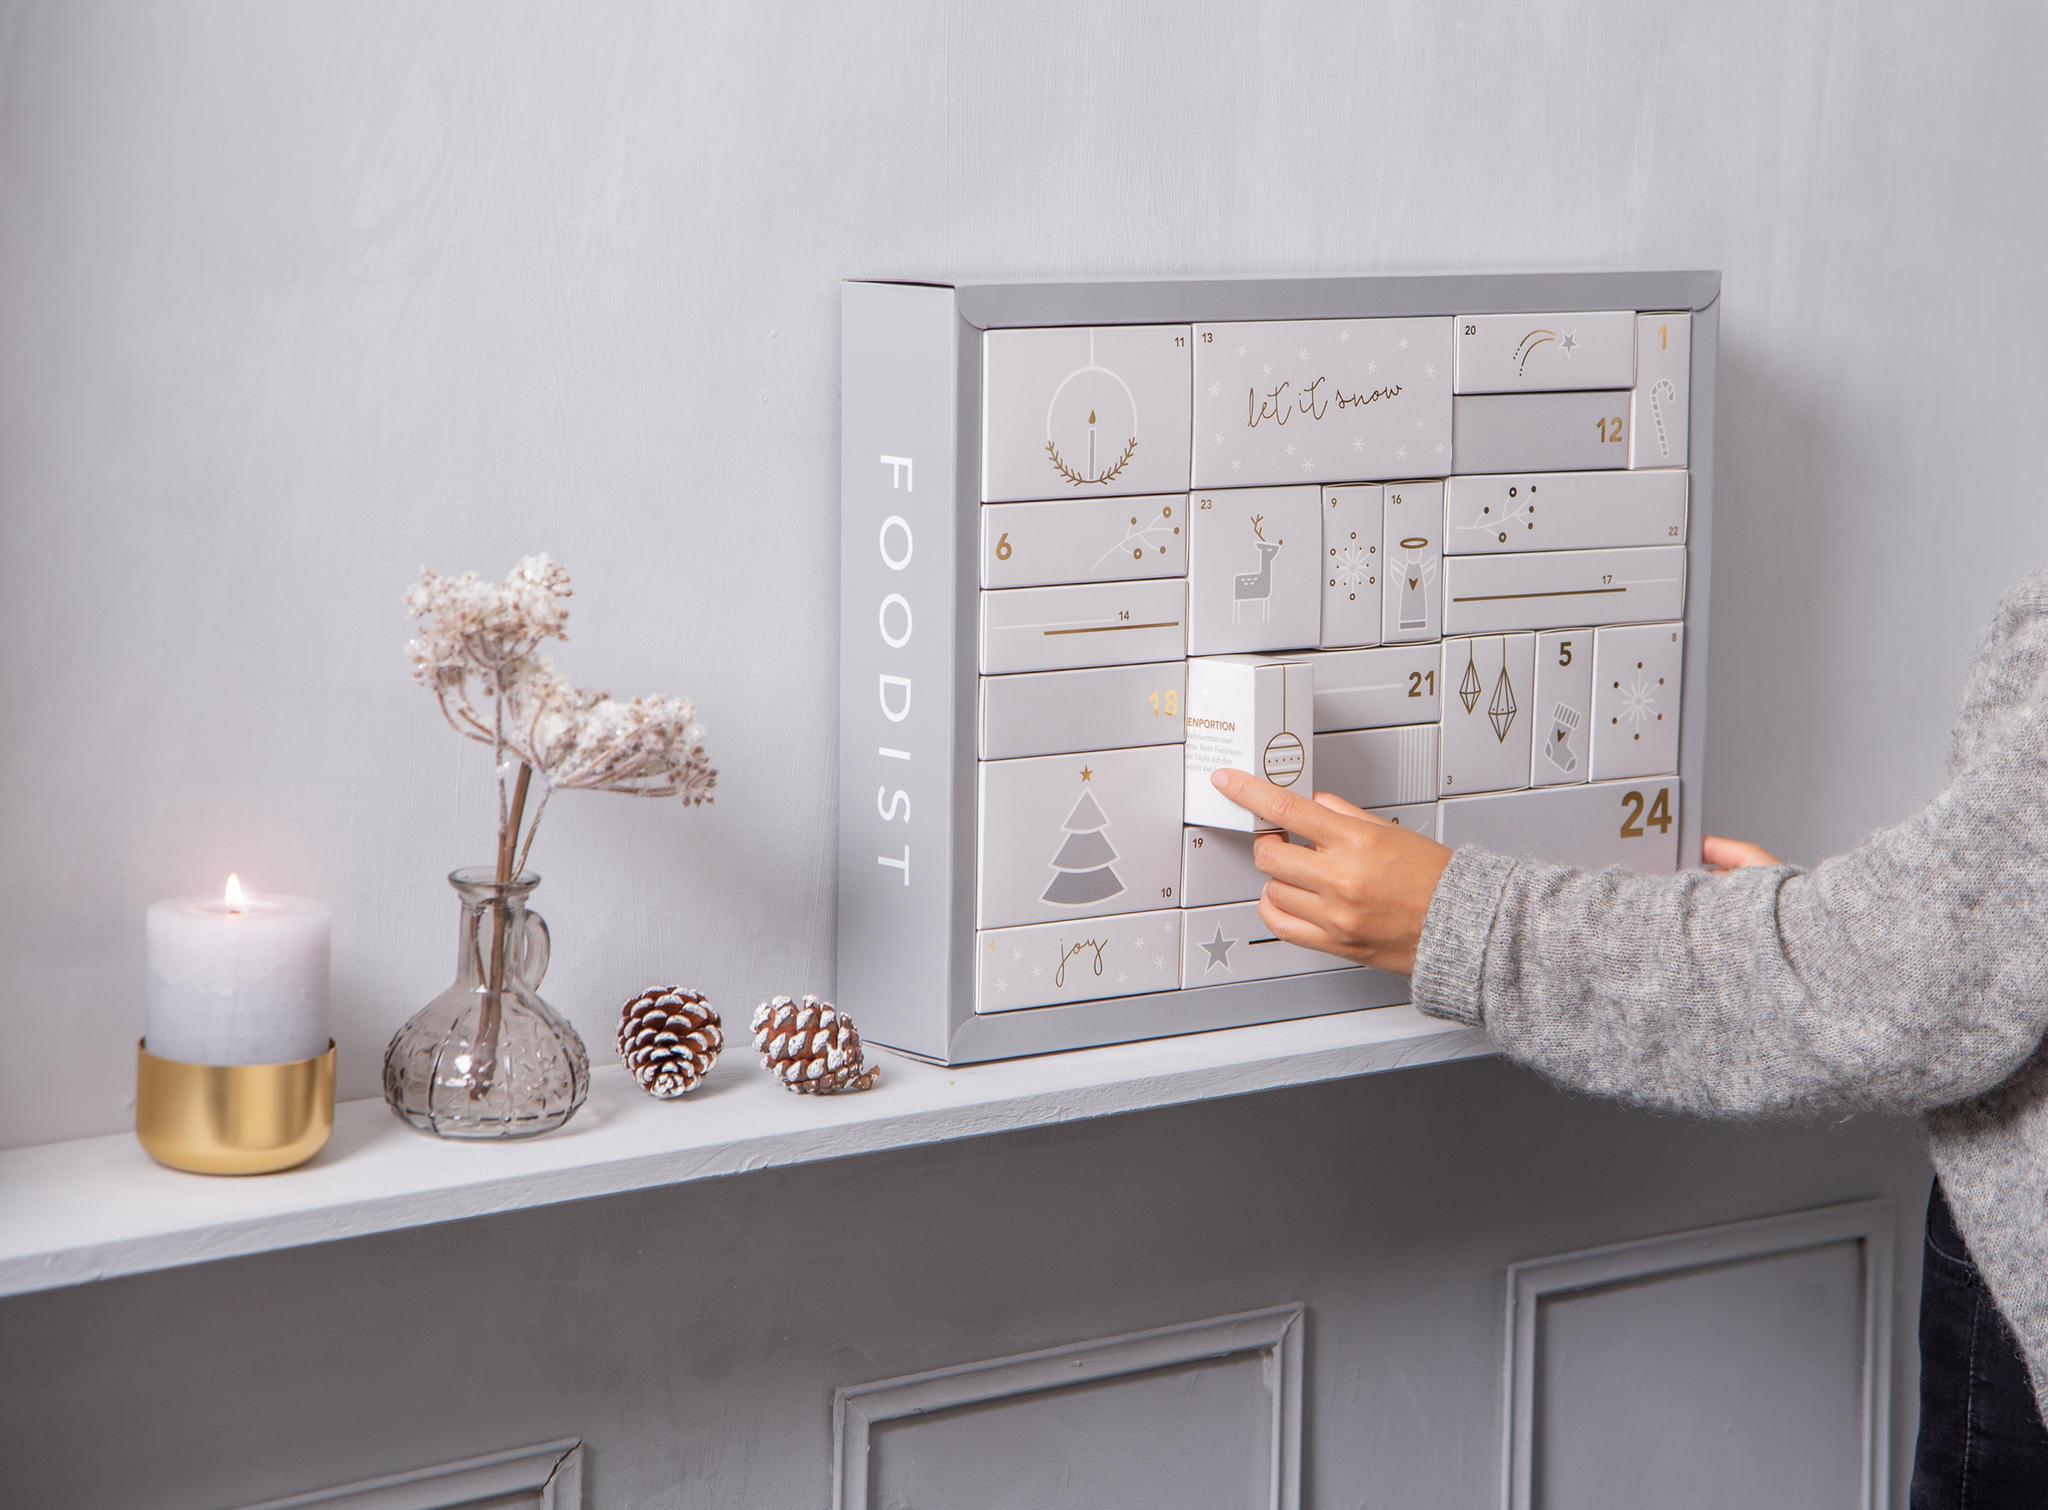 Adventskalender auf einem weißen Regal mit Dekoration, Adventskalender wird geöffnet